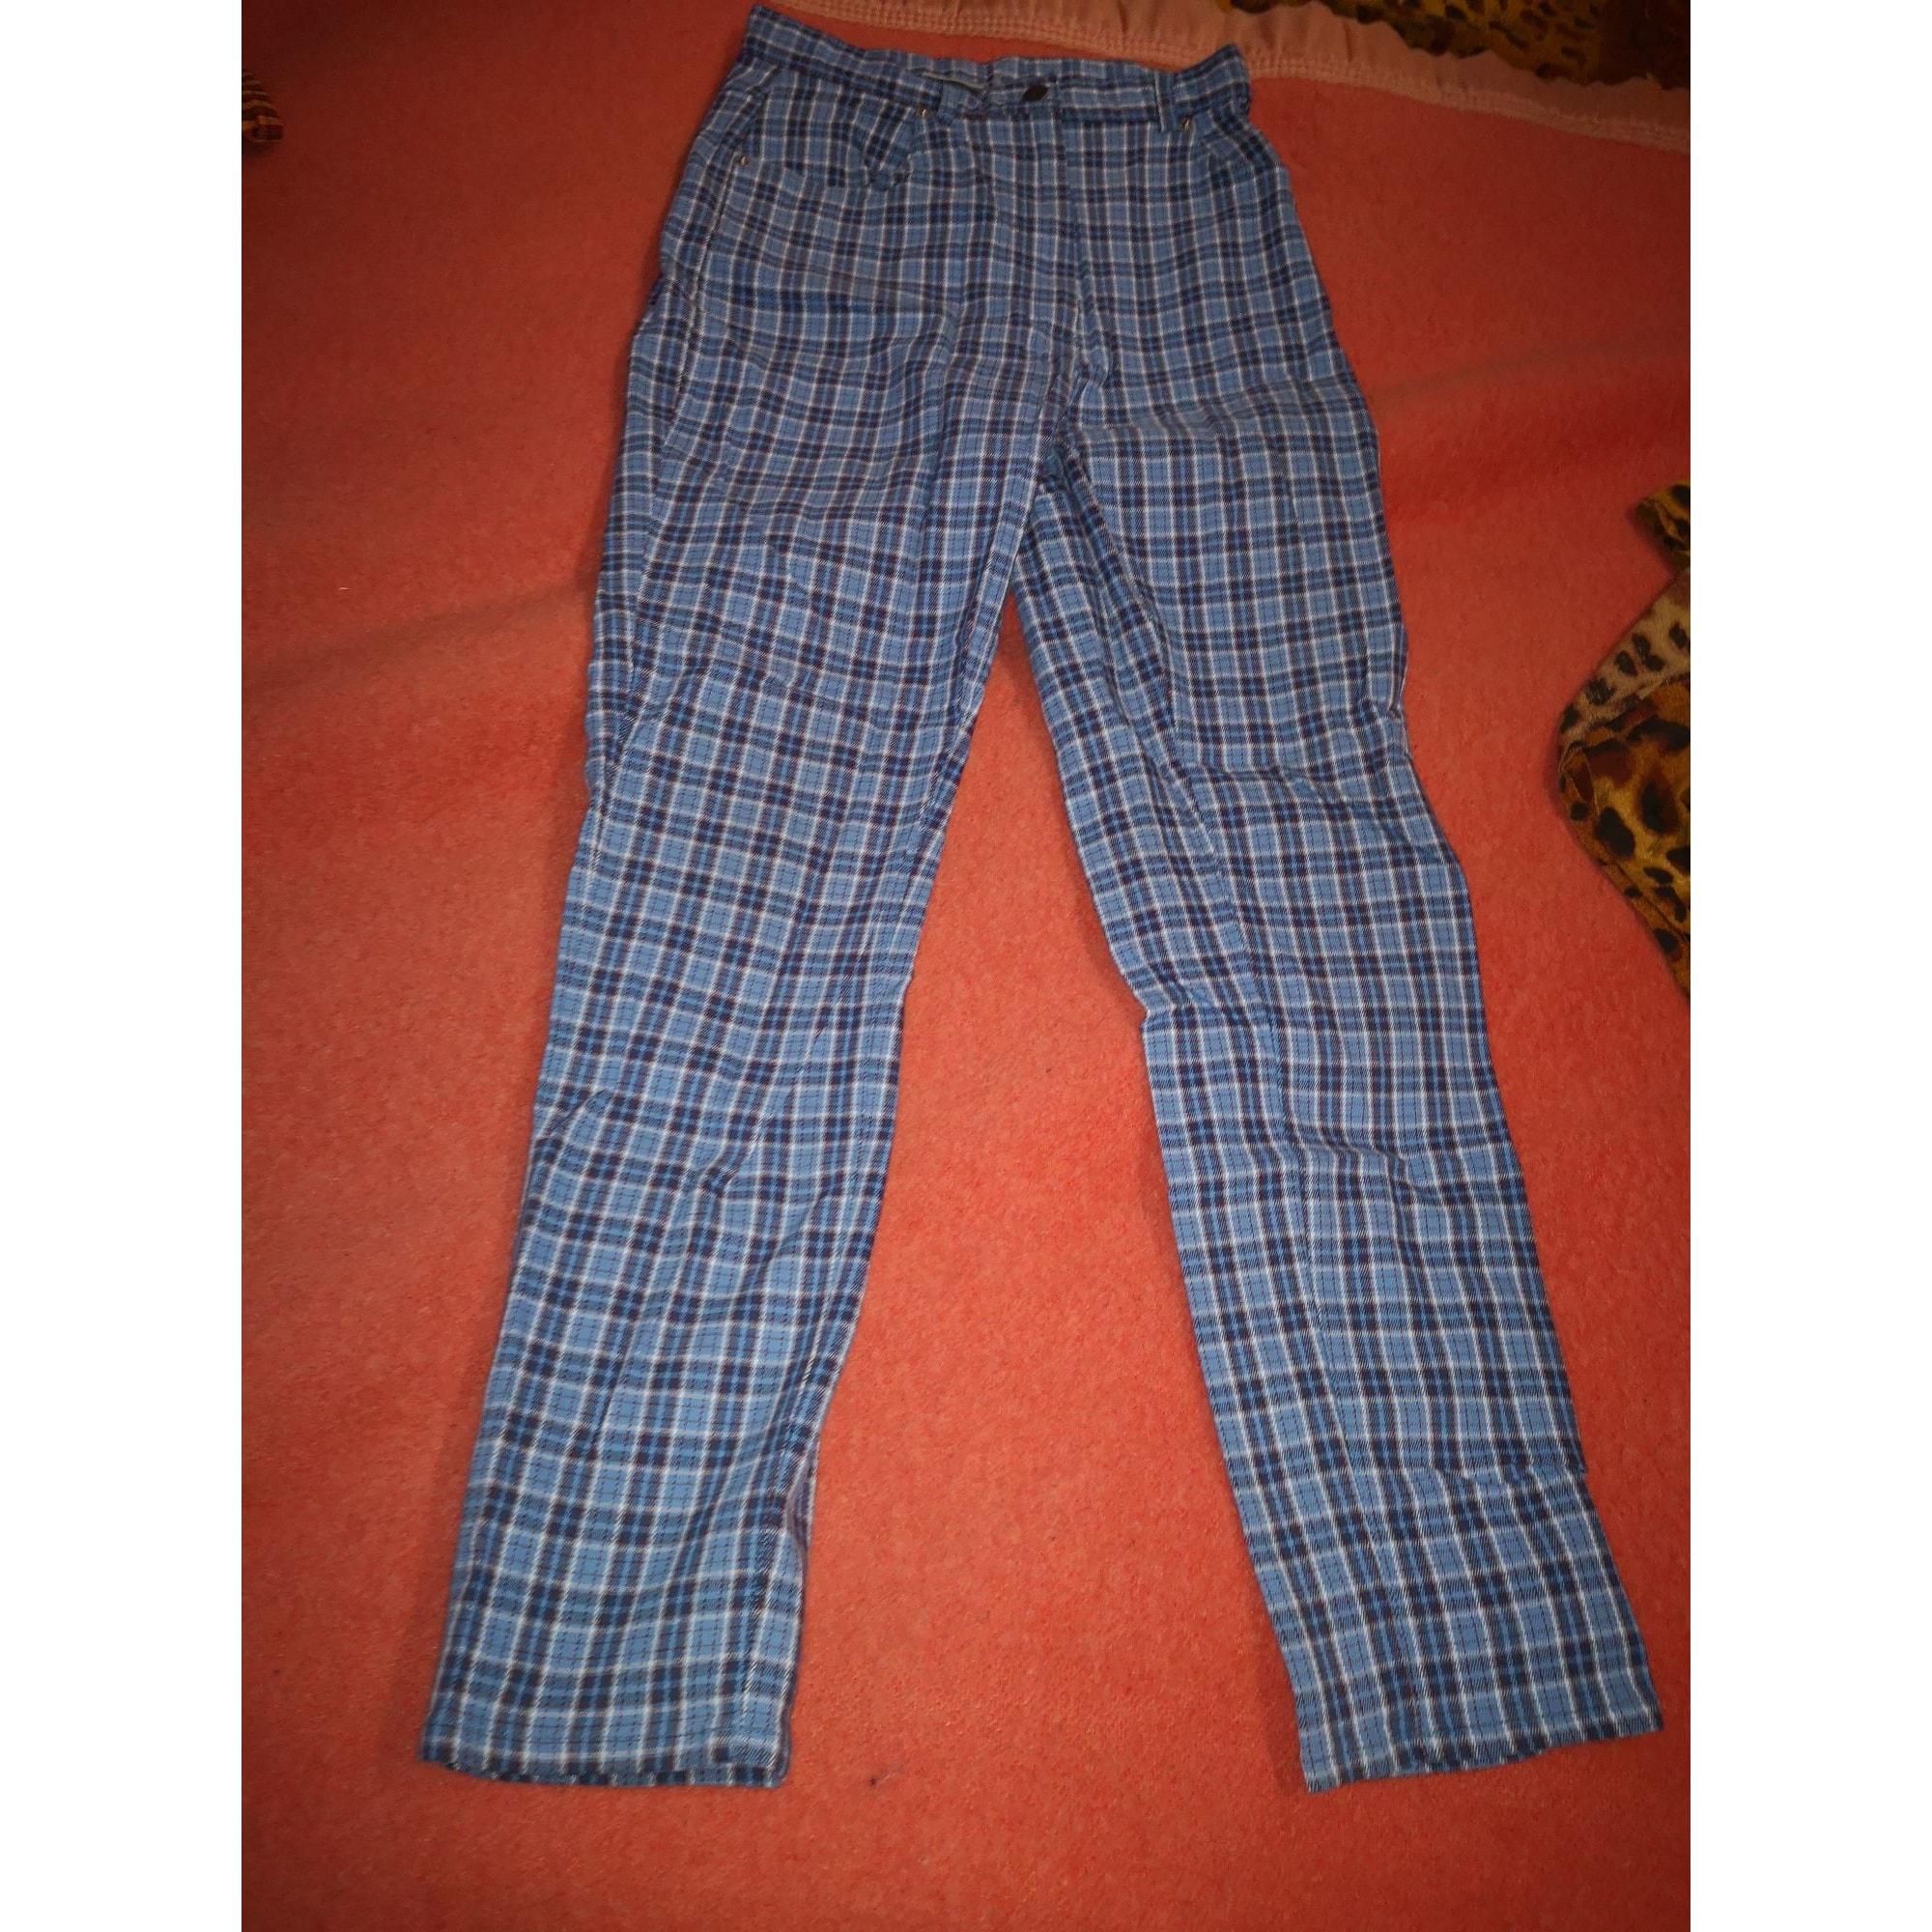 Pantalon slim, cigarette CAMAIEU Bleu, bleu marine, bleu turquoise